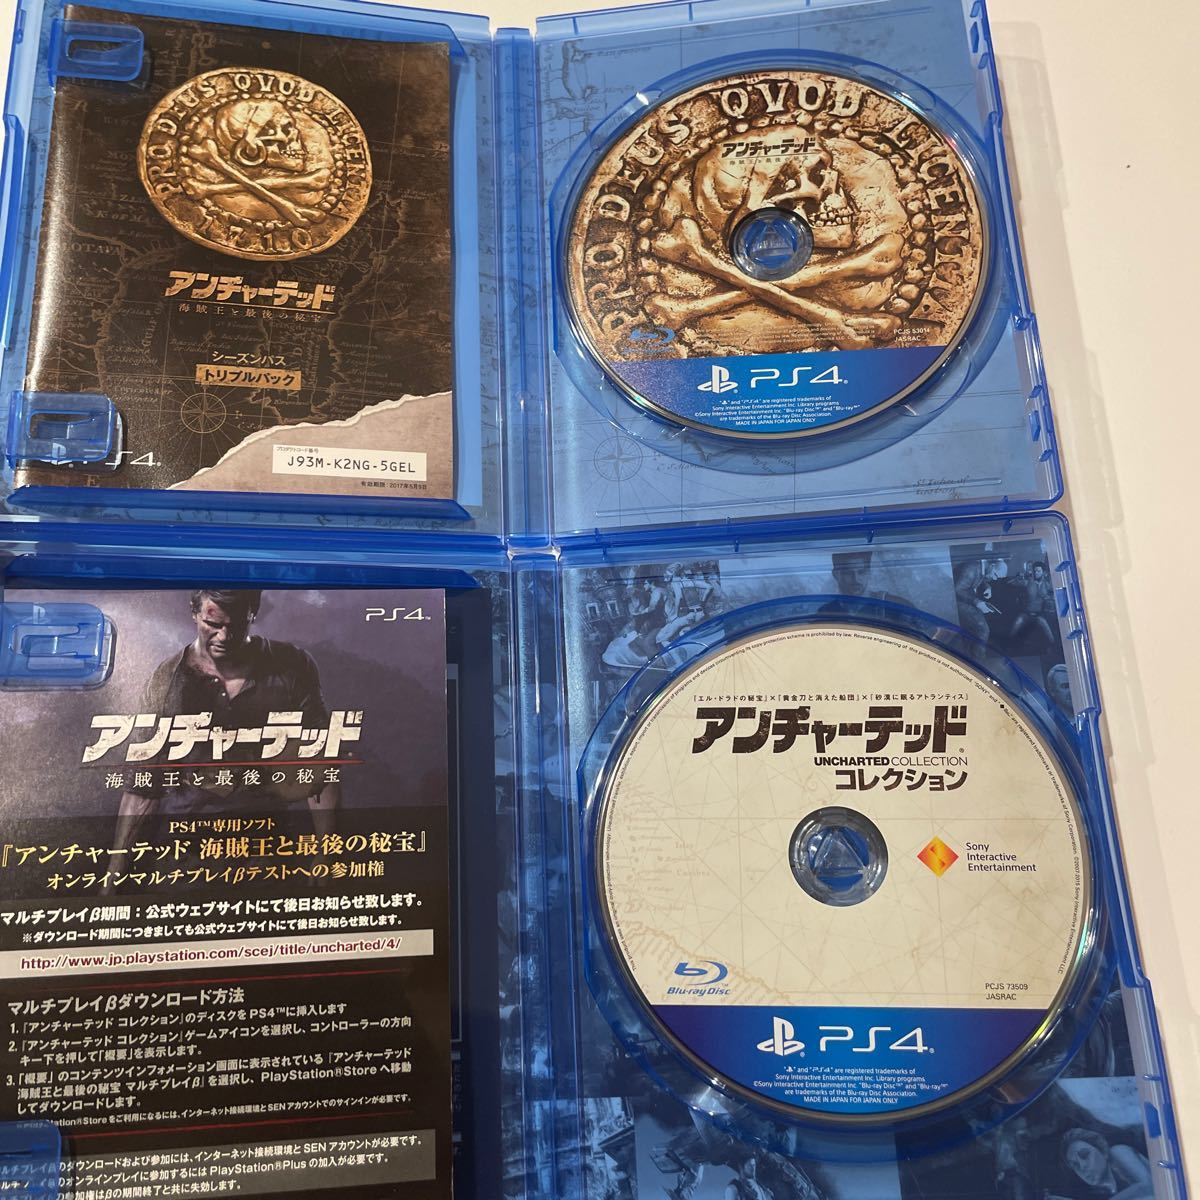 アンチャーテッド コレクション 海賊王と最後の秘宝 2枚セット